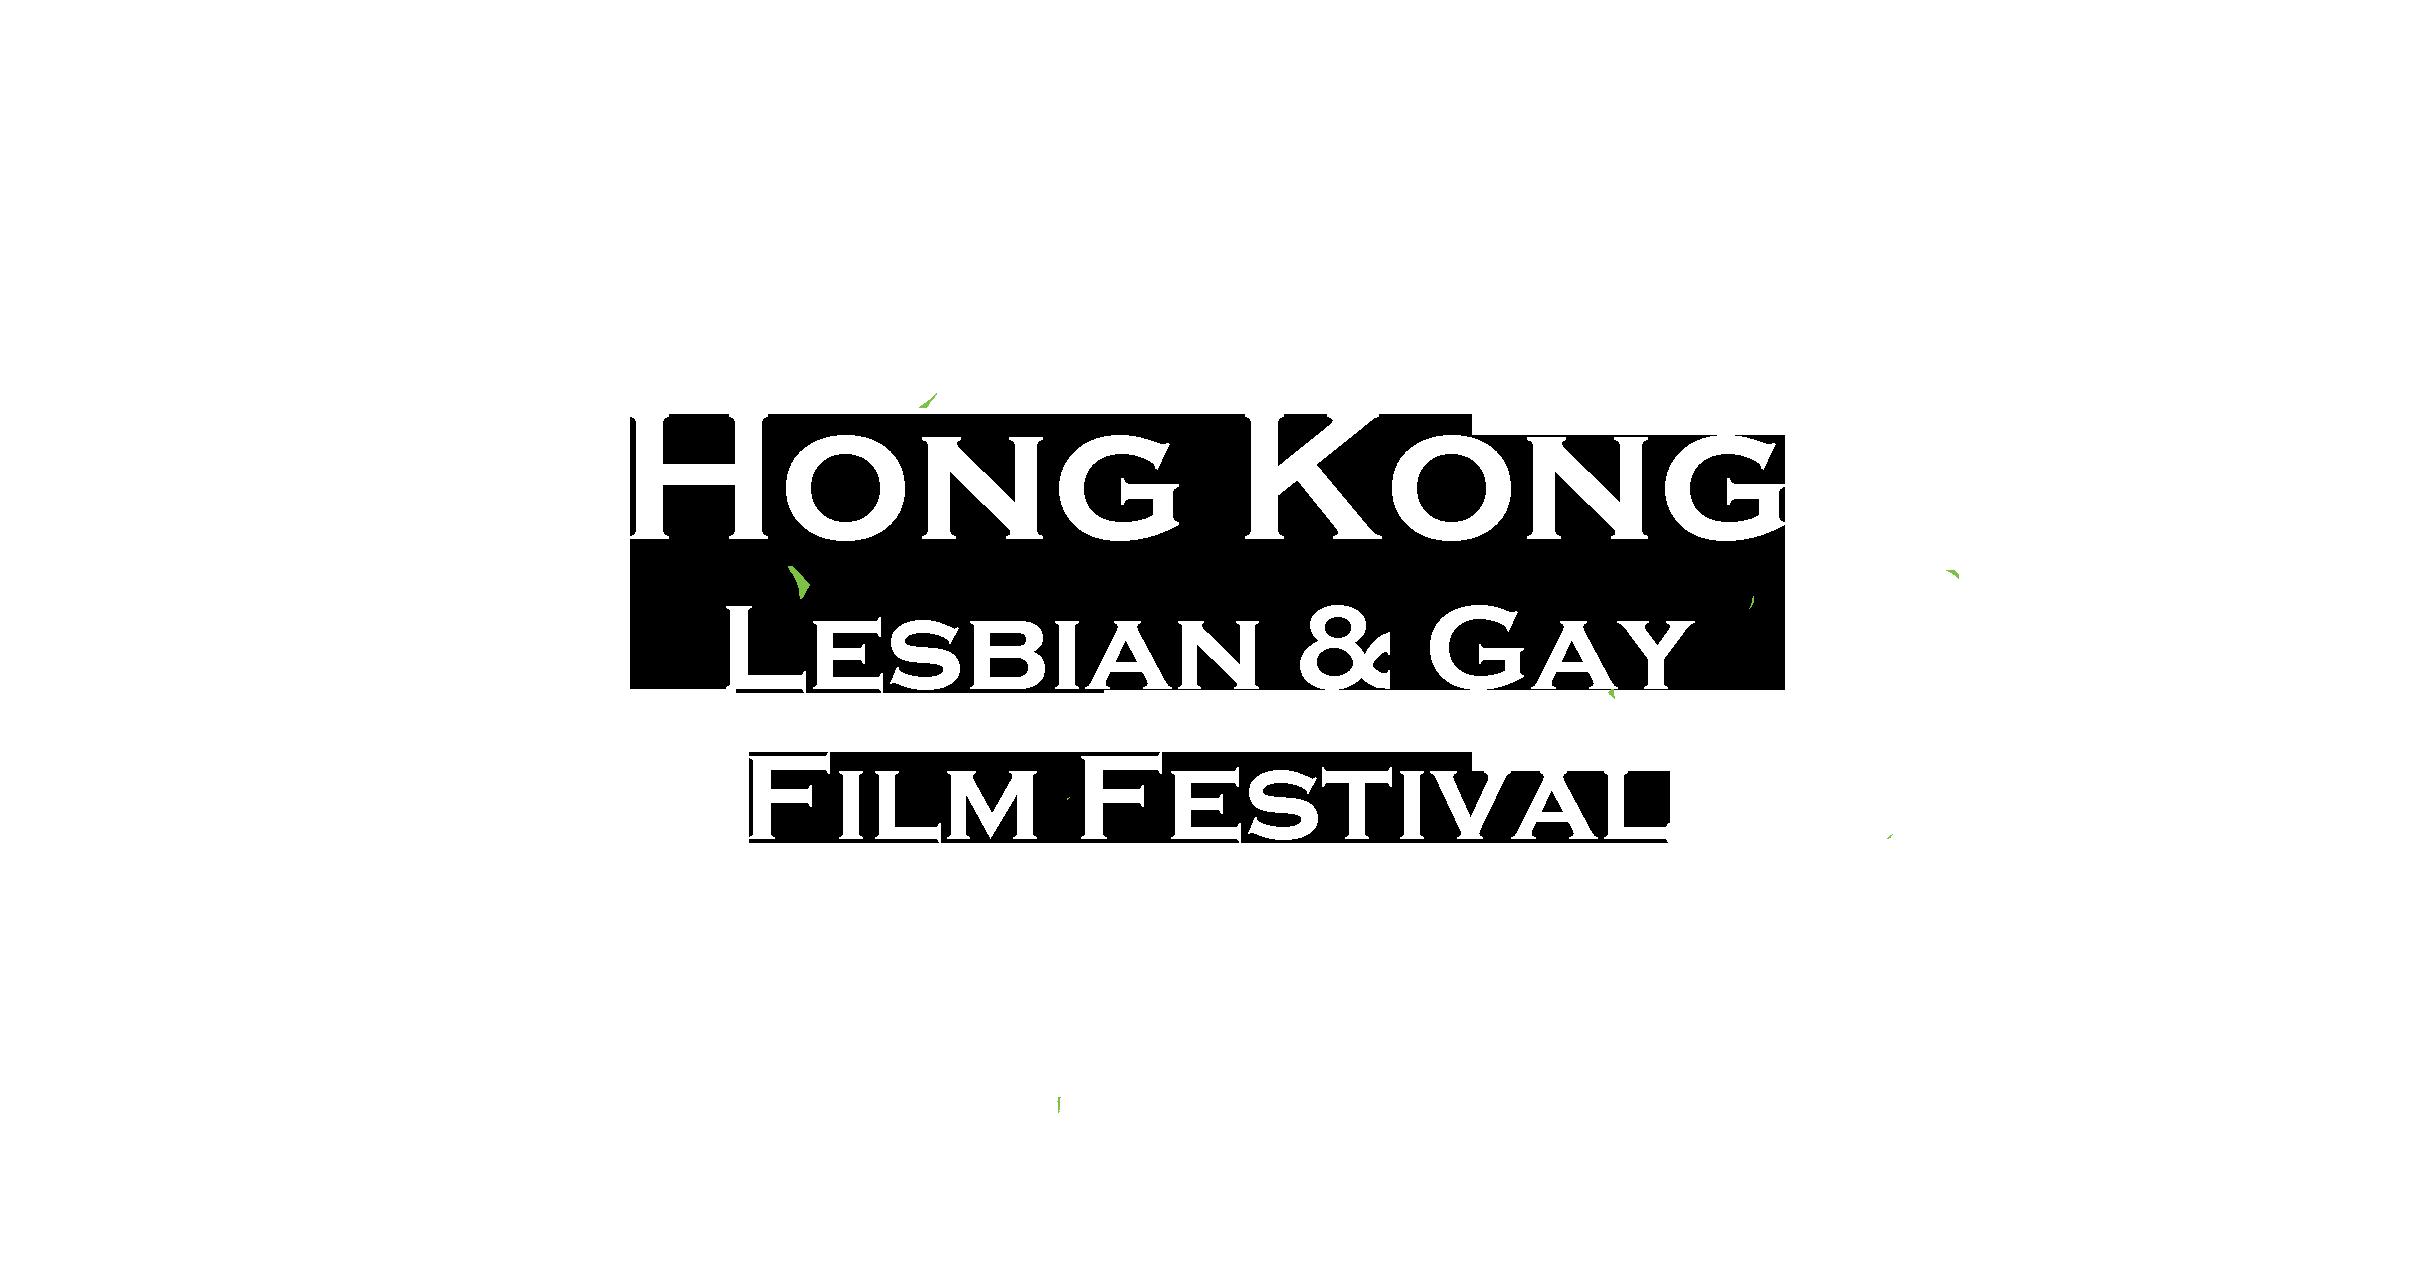 HongKongLGBT_white_BRIX.png